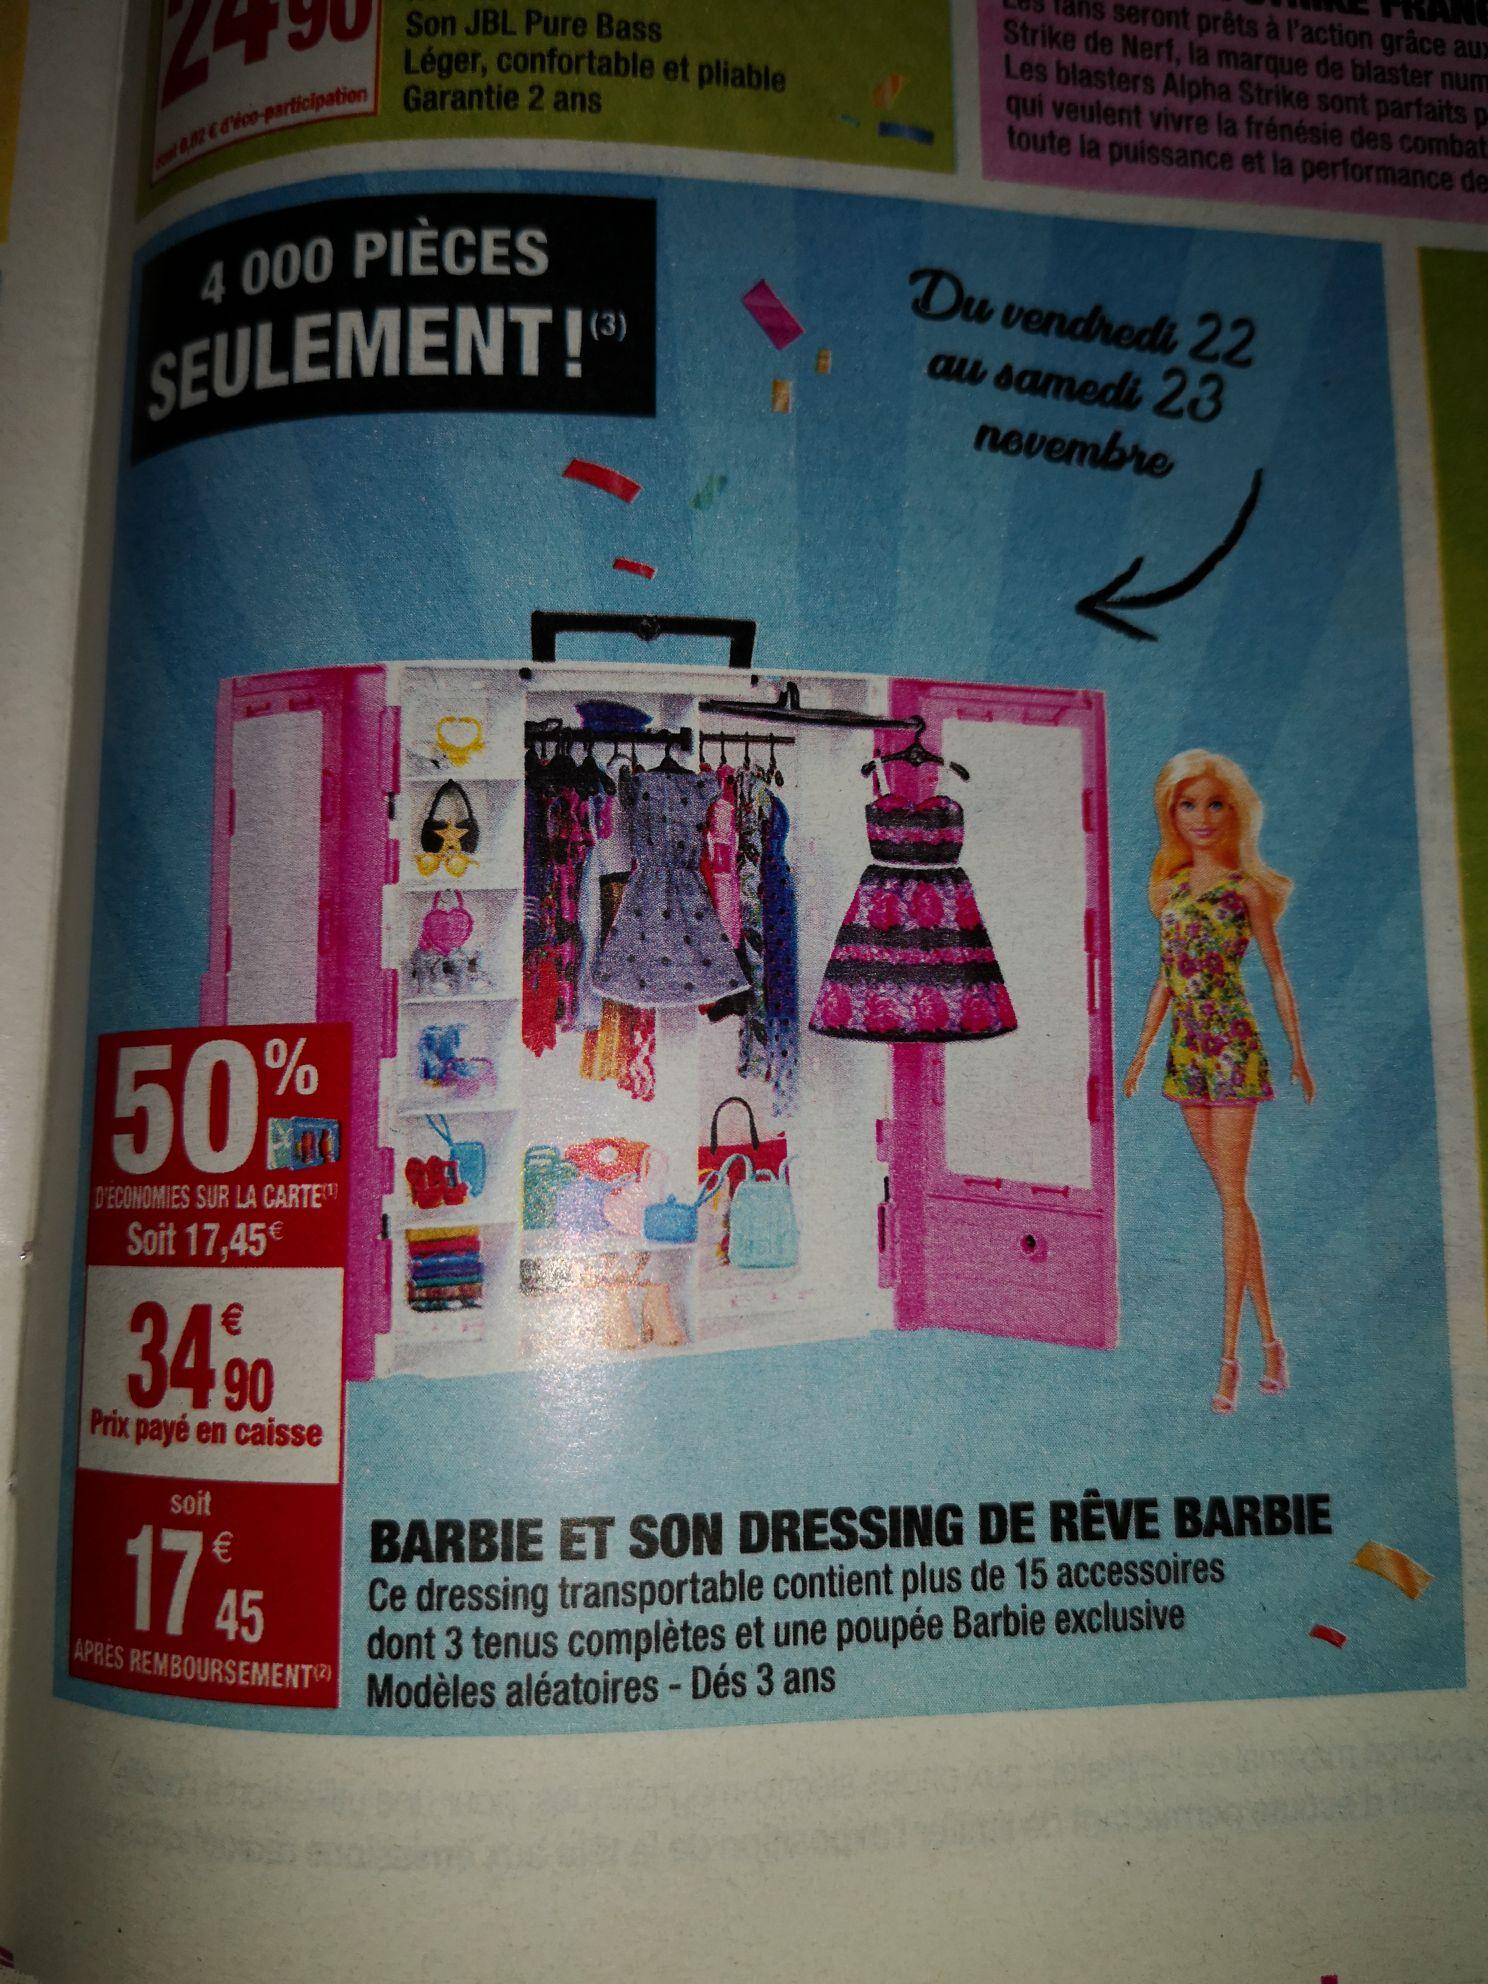 Barbie et son dressing (via 17€45 fidélité)